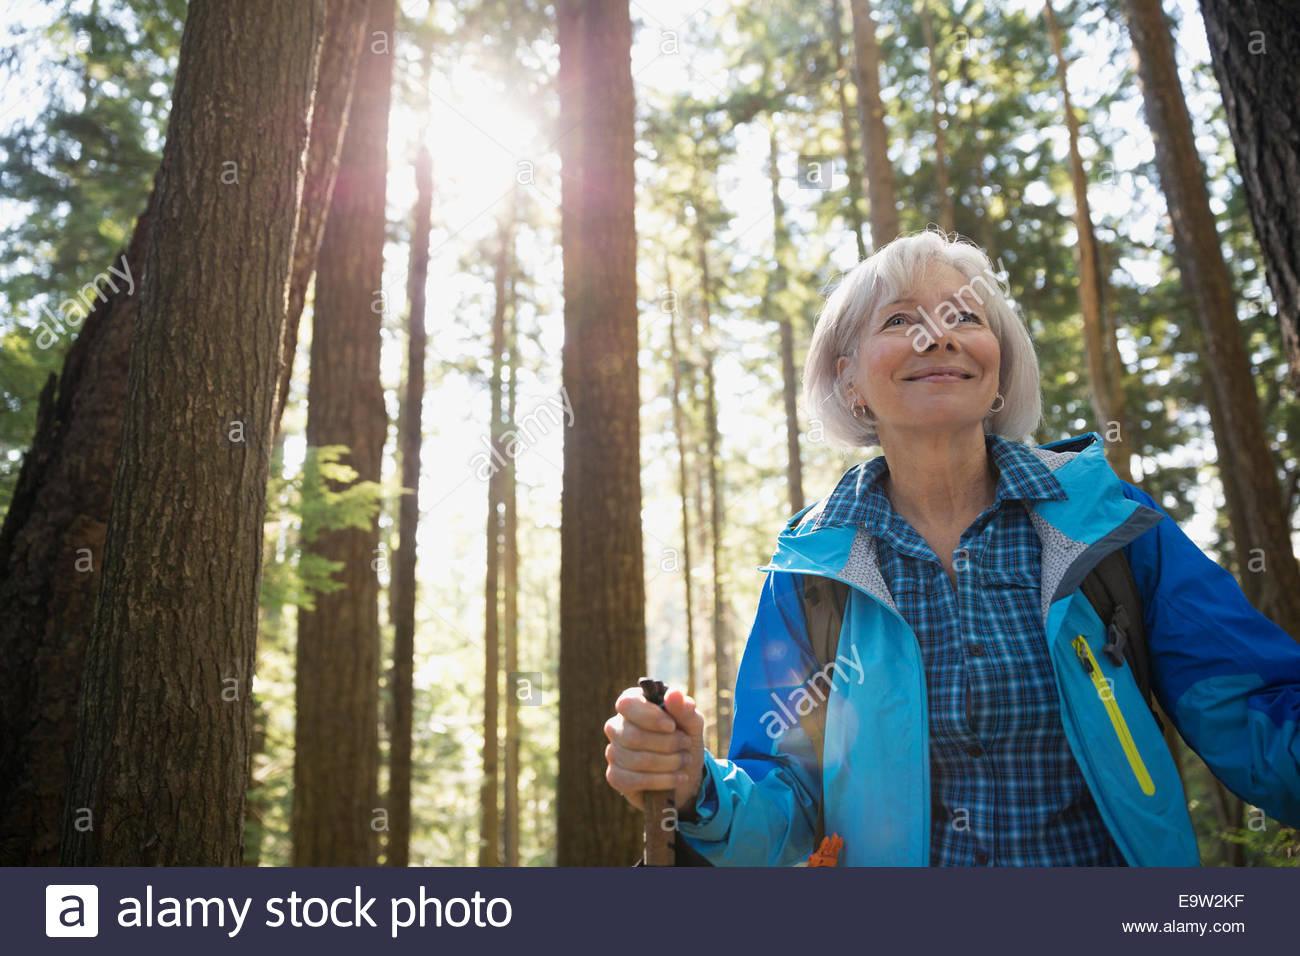 Smiling senior woman hiking ci-dessous des arbres dans les bois Photo Stock